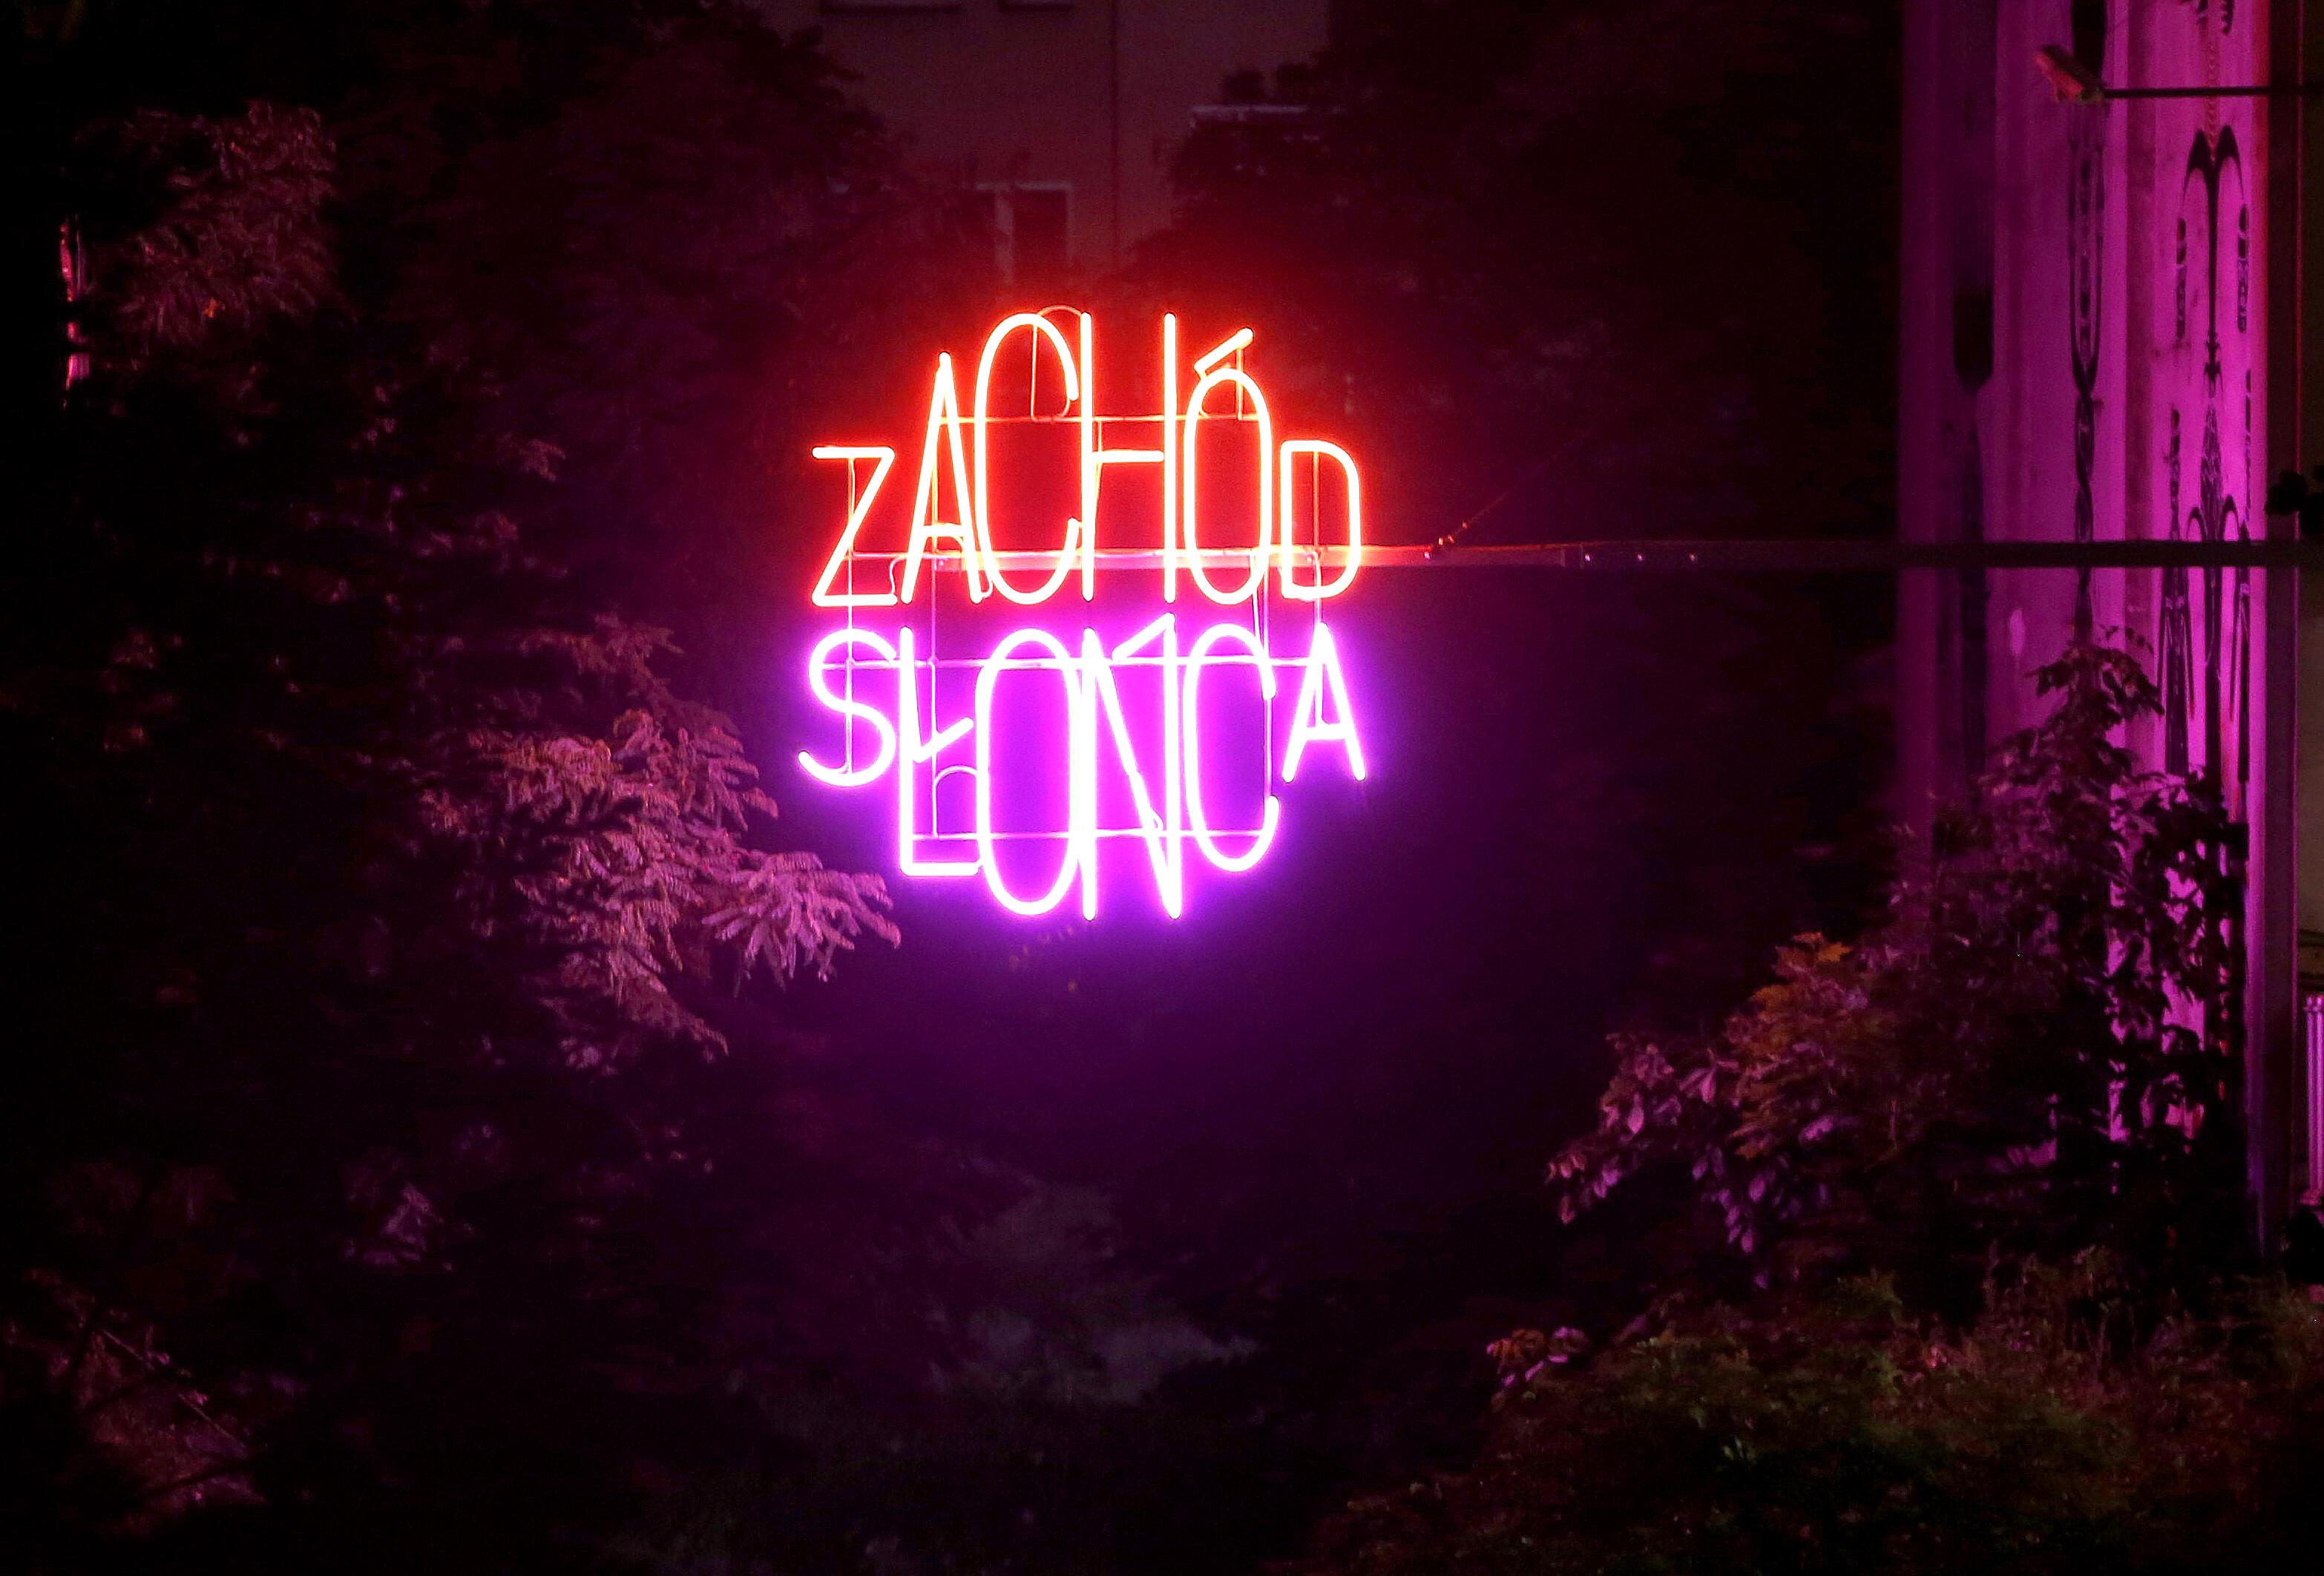 """Neon """"Zachód słońca wMieście Ogrodów"""", SUPERGUT STUDIO, przestrzeń nadRawą, Rynek wKatowicach"""